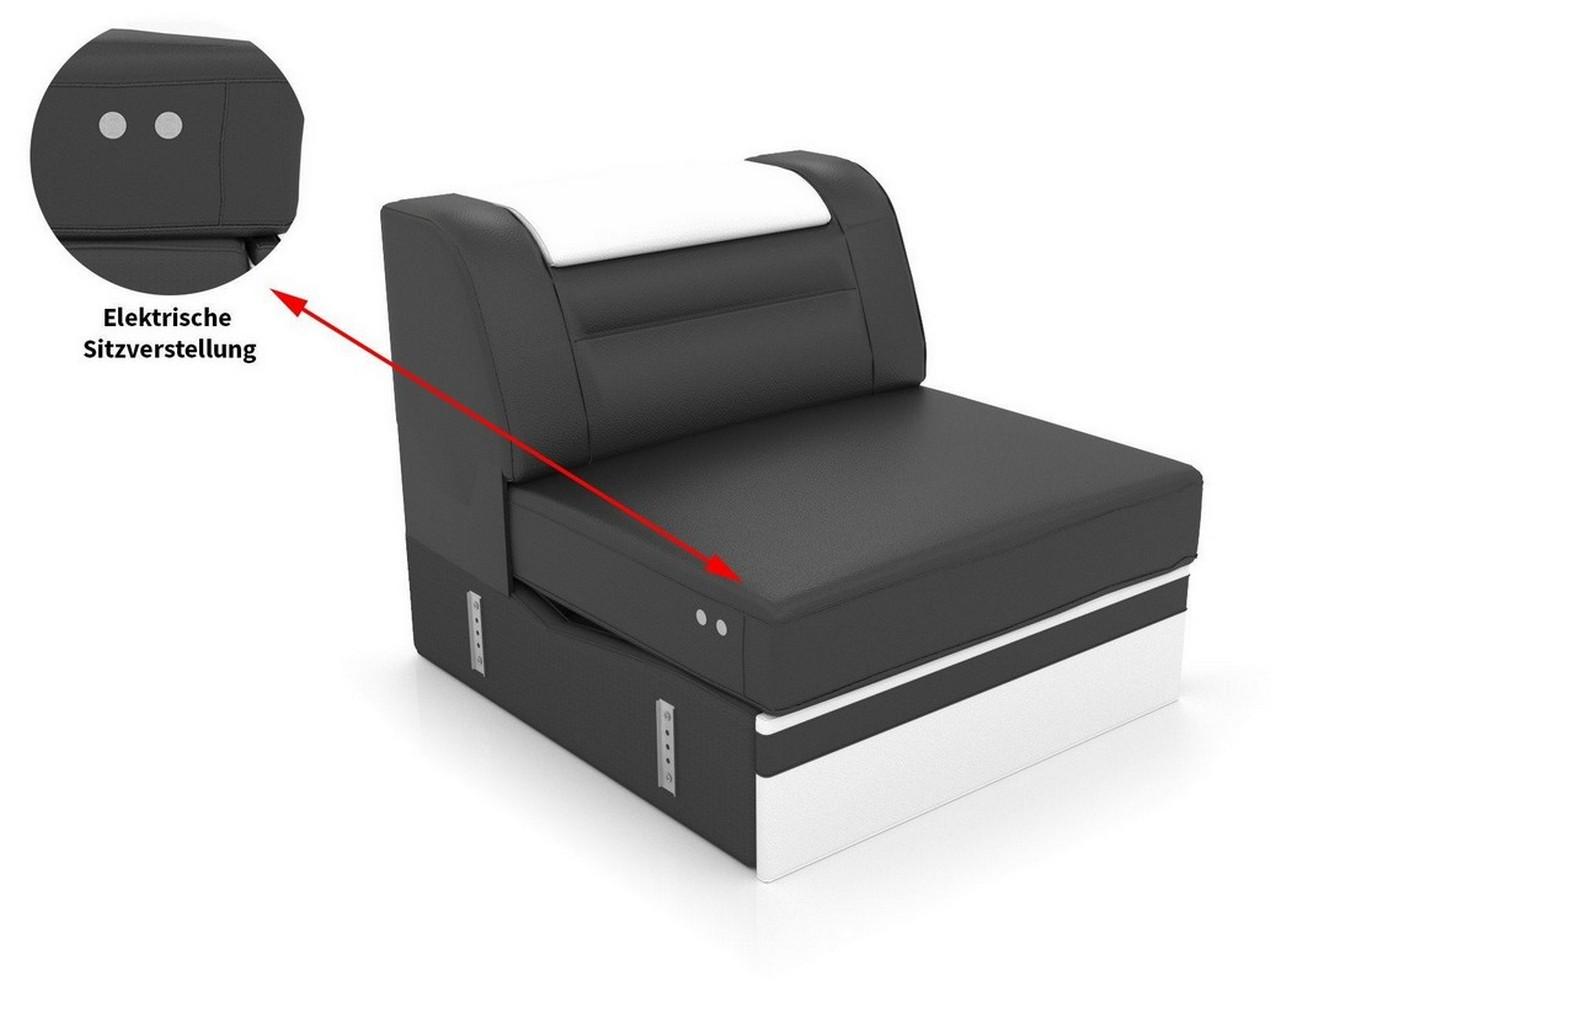 Faszinierend Elektrisches Sofa Sammlung Von Qualität & Garantie